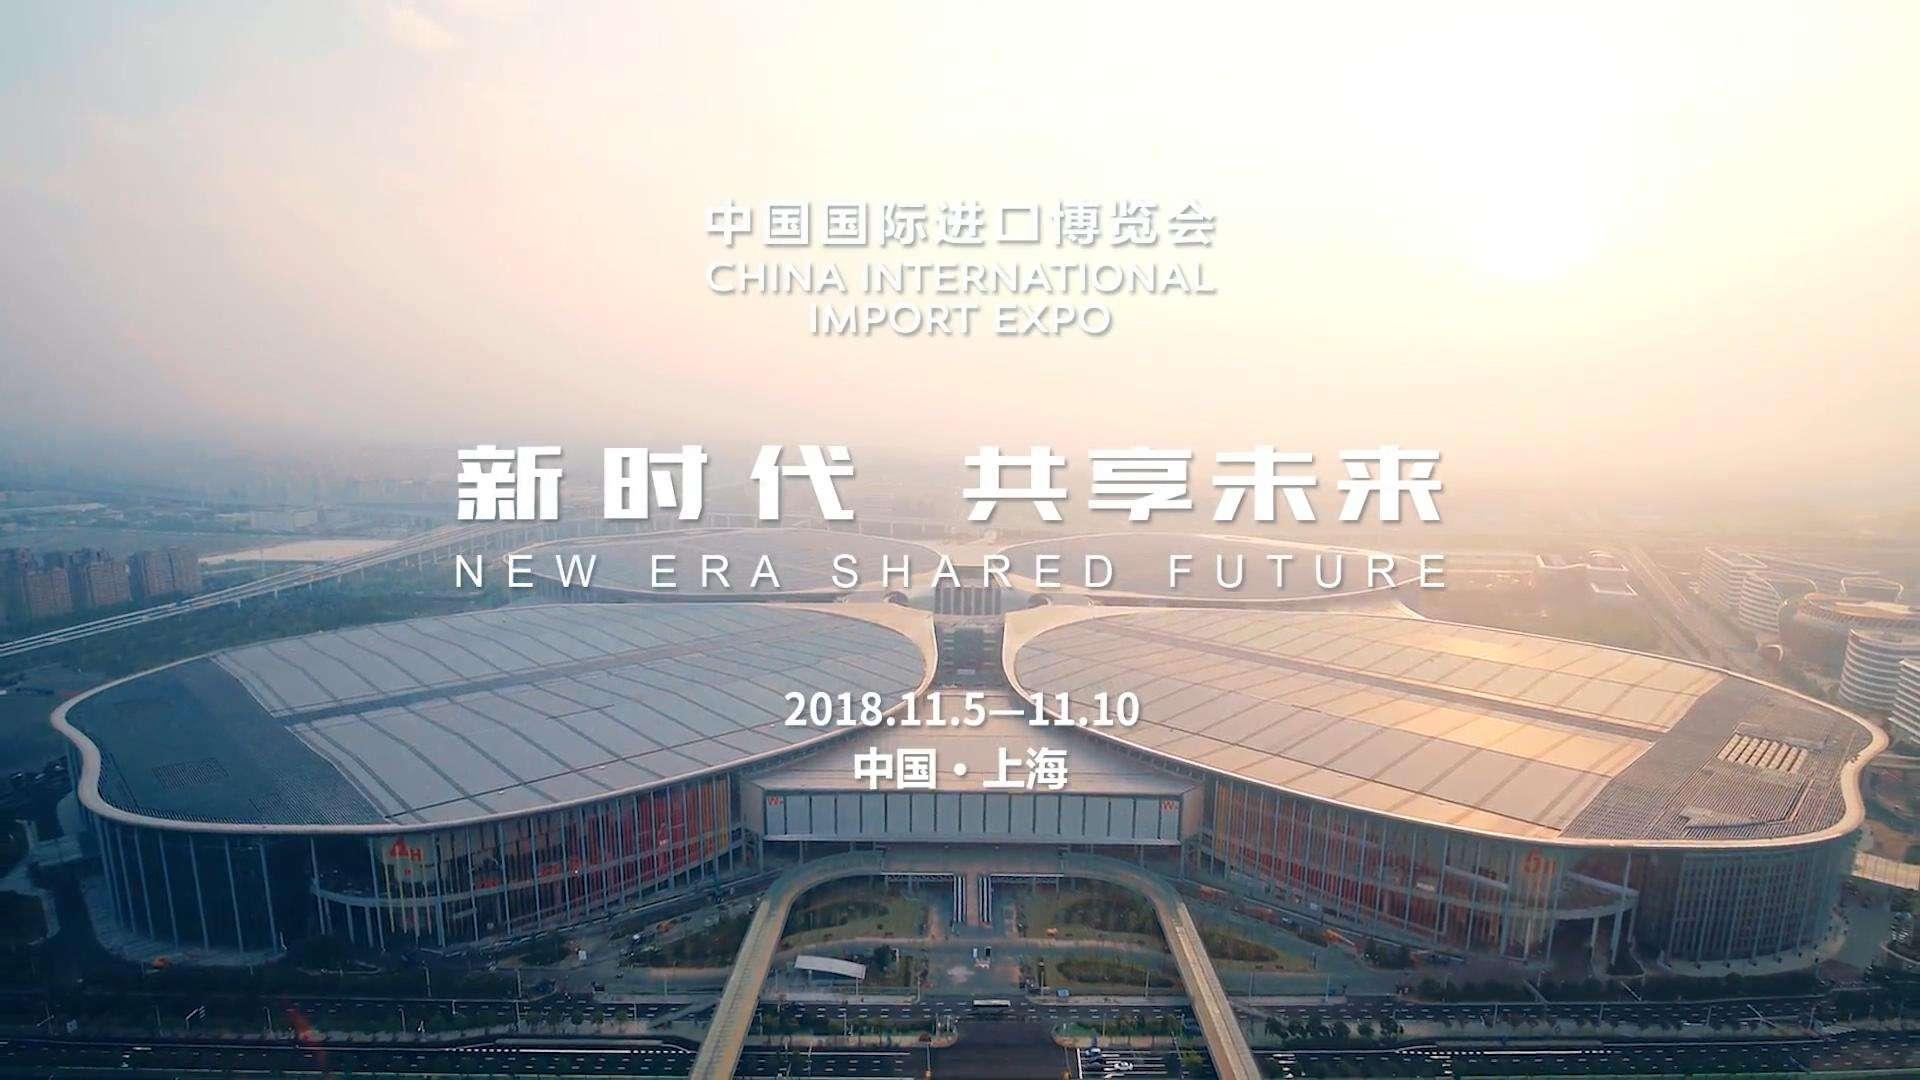 澳洲EAORON闪耀中国国际进口博览会